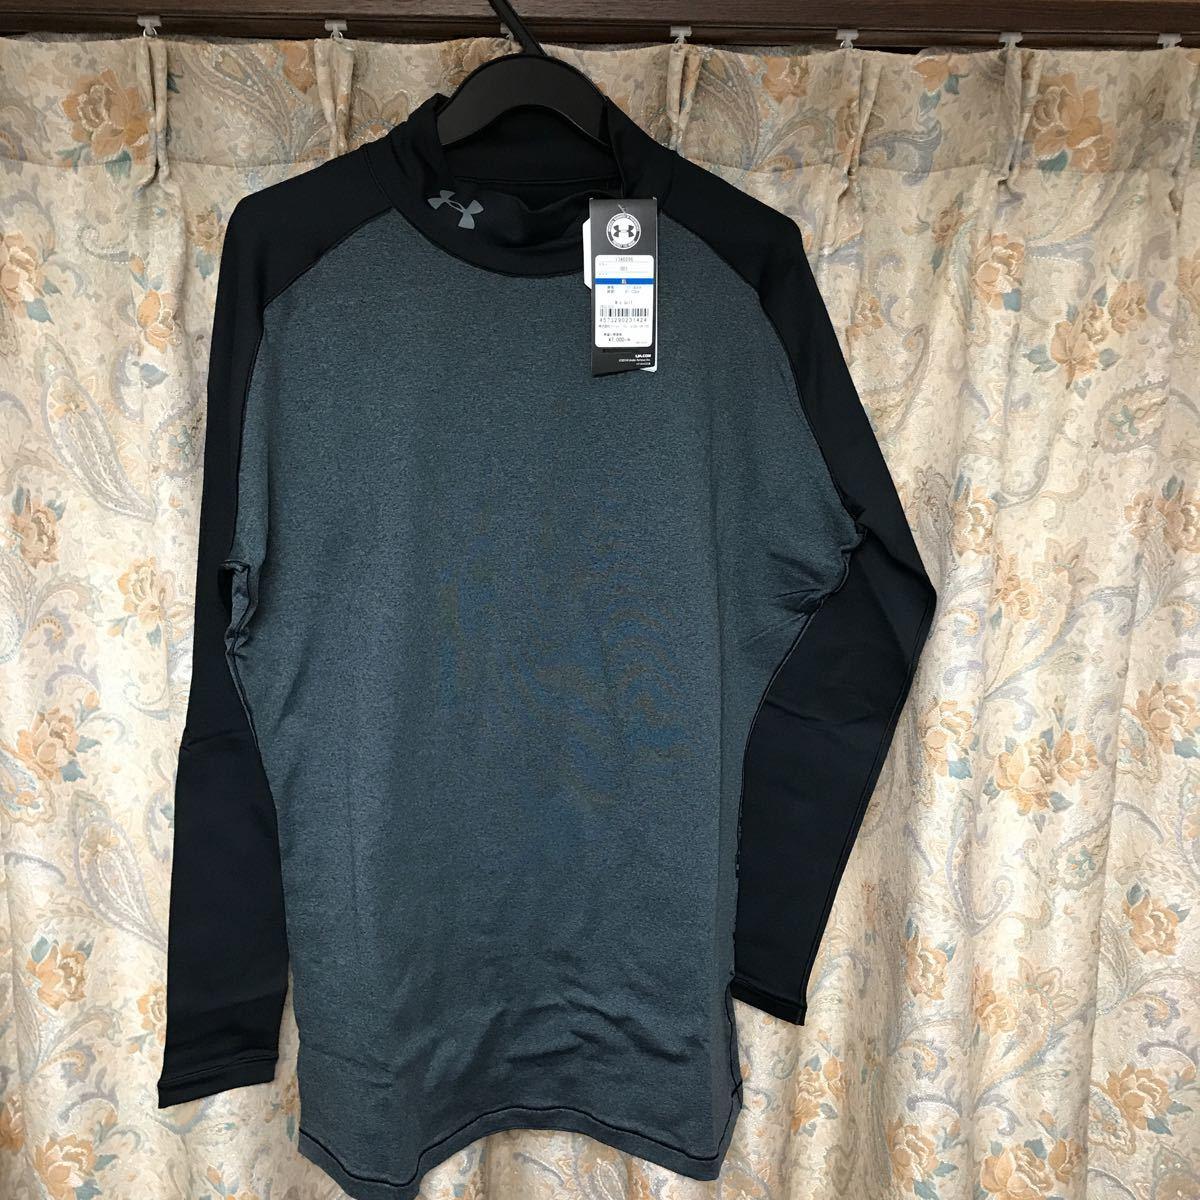 新品アンダーアーマー 長袖シャツ インナーシャツ 長袖インナー XLサイズ モック コールドギア ゴルフ アンダーシャツ